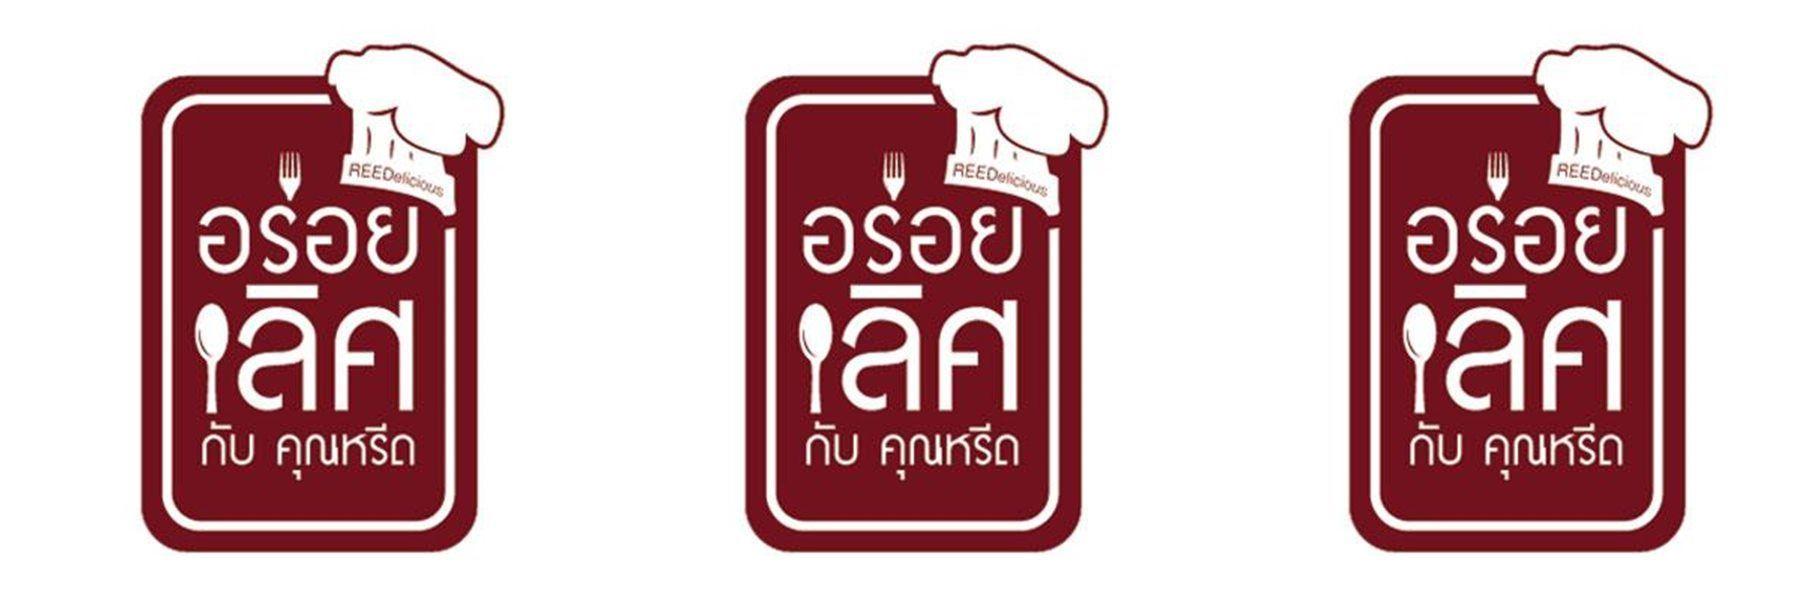 ดูละครย้อนหลัง เจี่ยง ชาบู สุกี้สไตล์จีน (ครั้งที่ 3) I อร่อยเลิศกับคุณหรีด